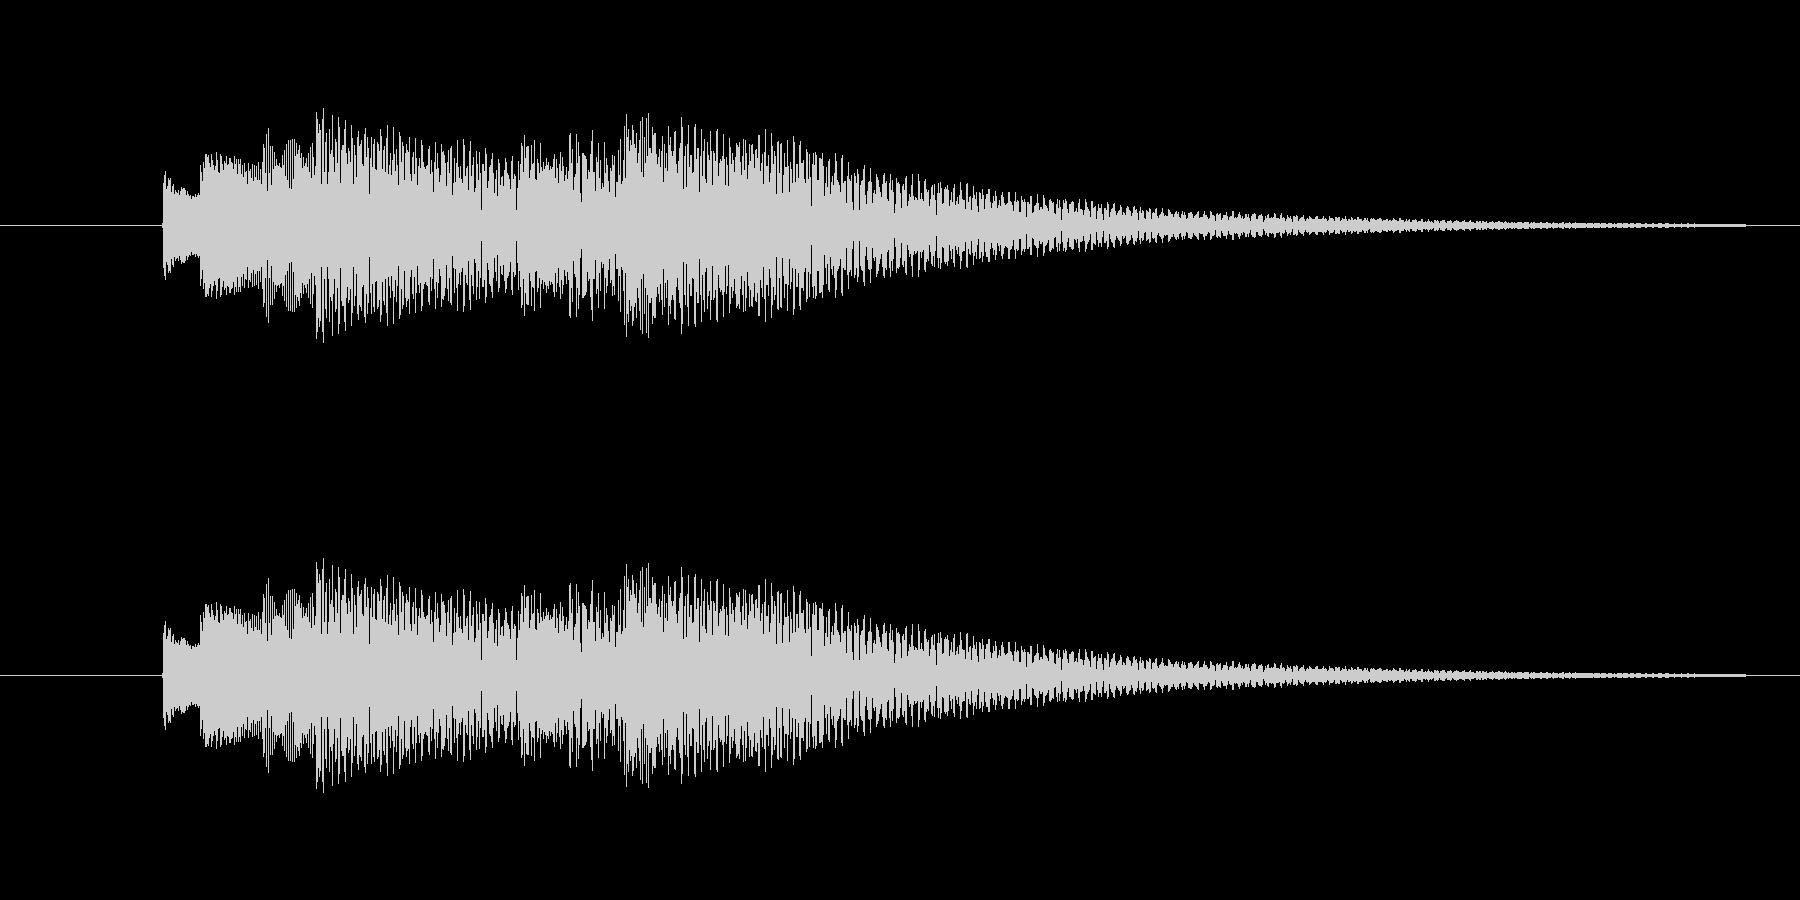 bell06のフレーズが2回続いたもの…の未再生の波形